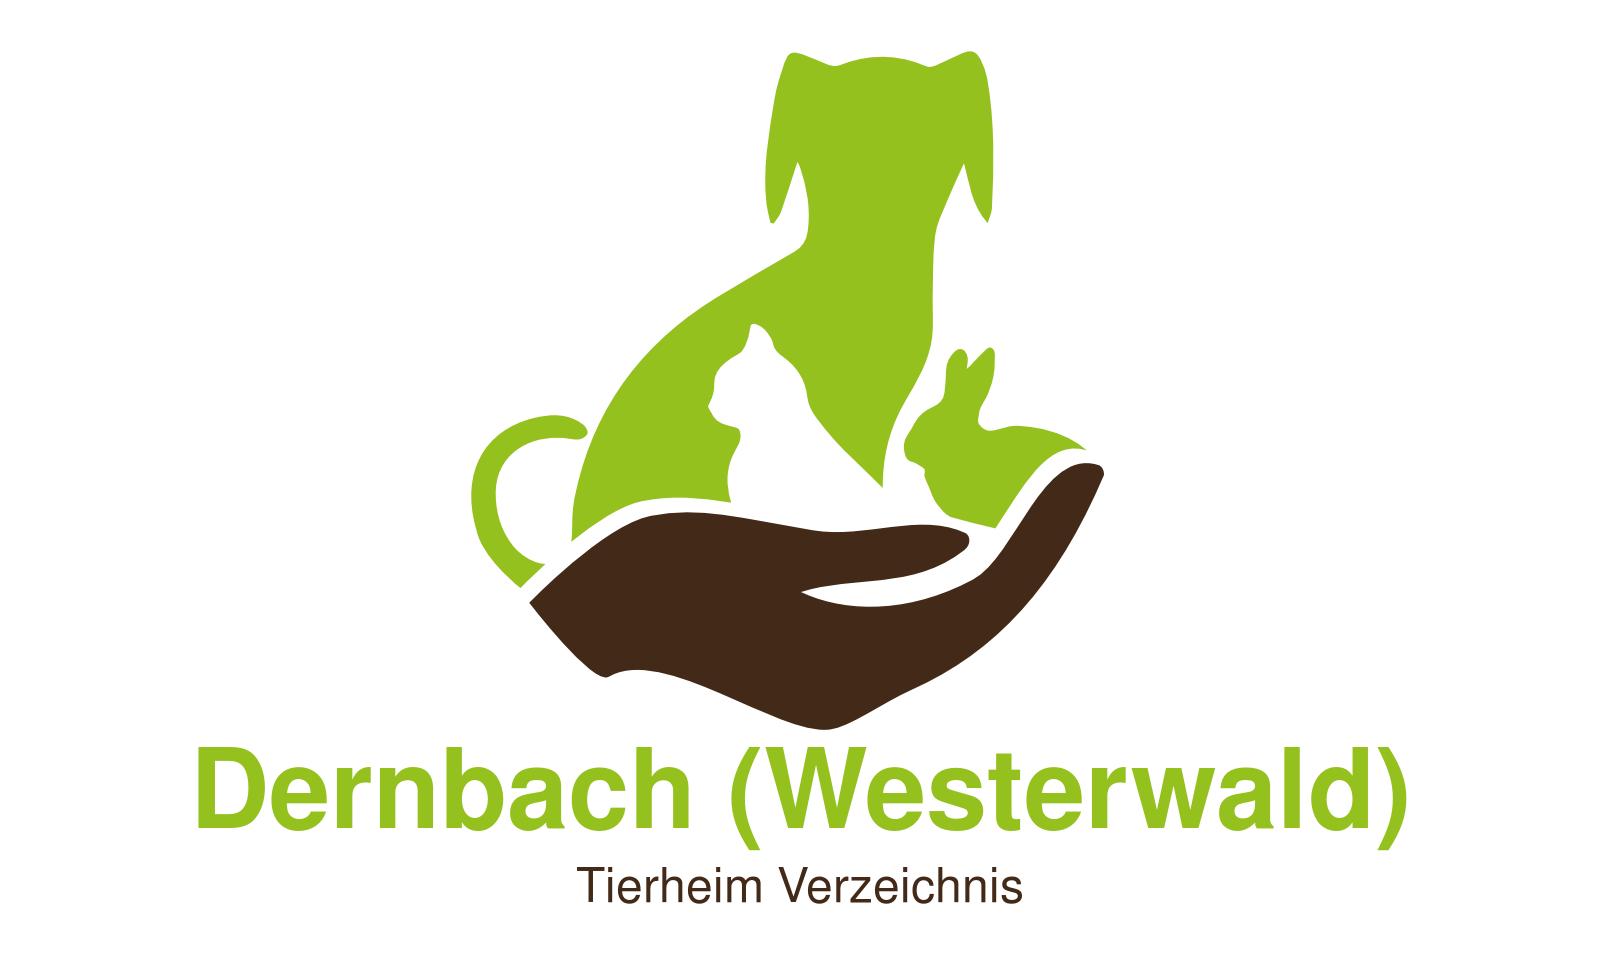 Tierheim Dernbach (Westerwald)